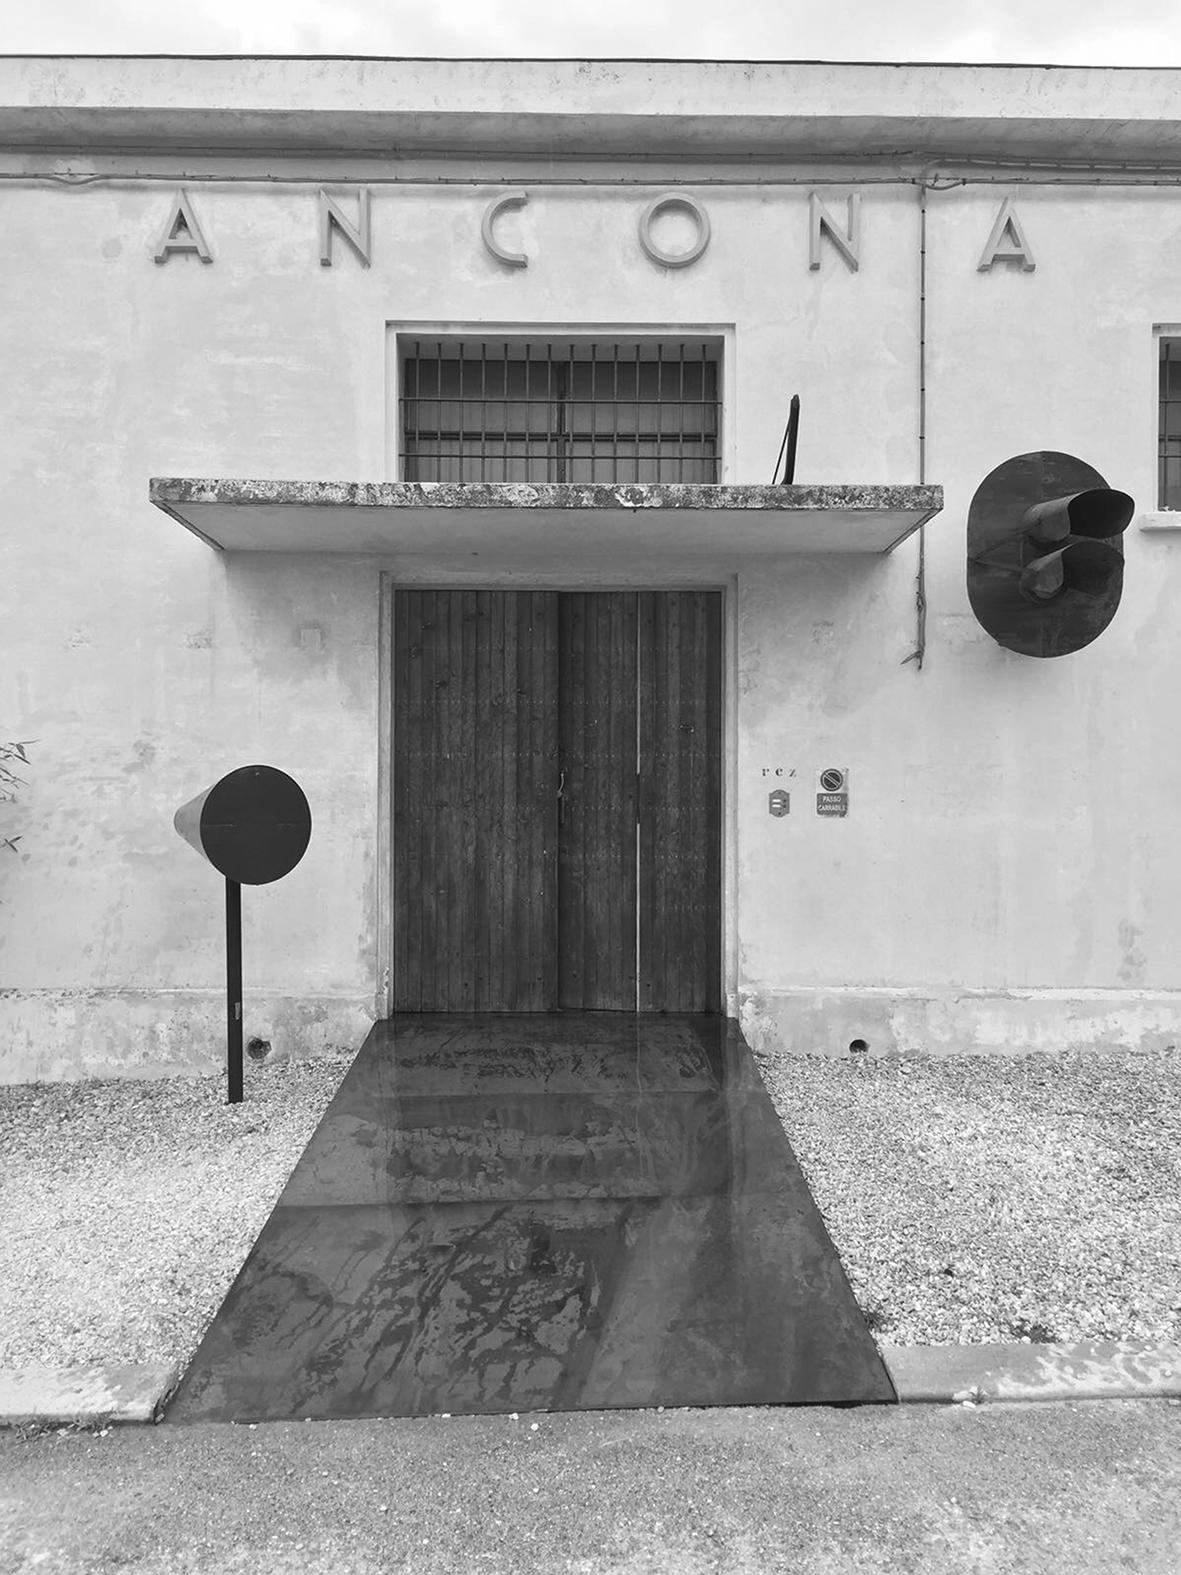 Consorzio Casa Sponge 2, Loretello di Acervia (AN)